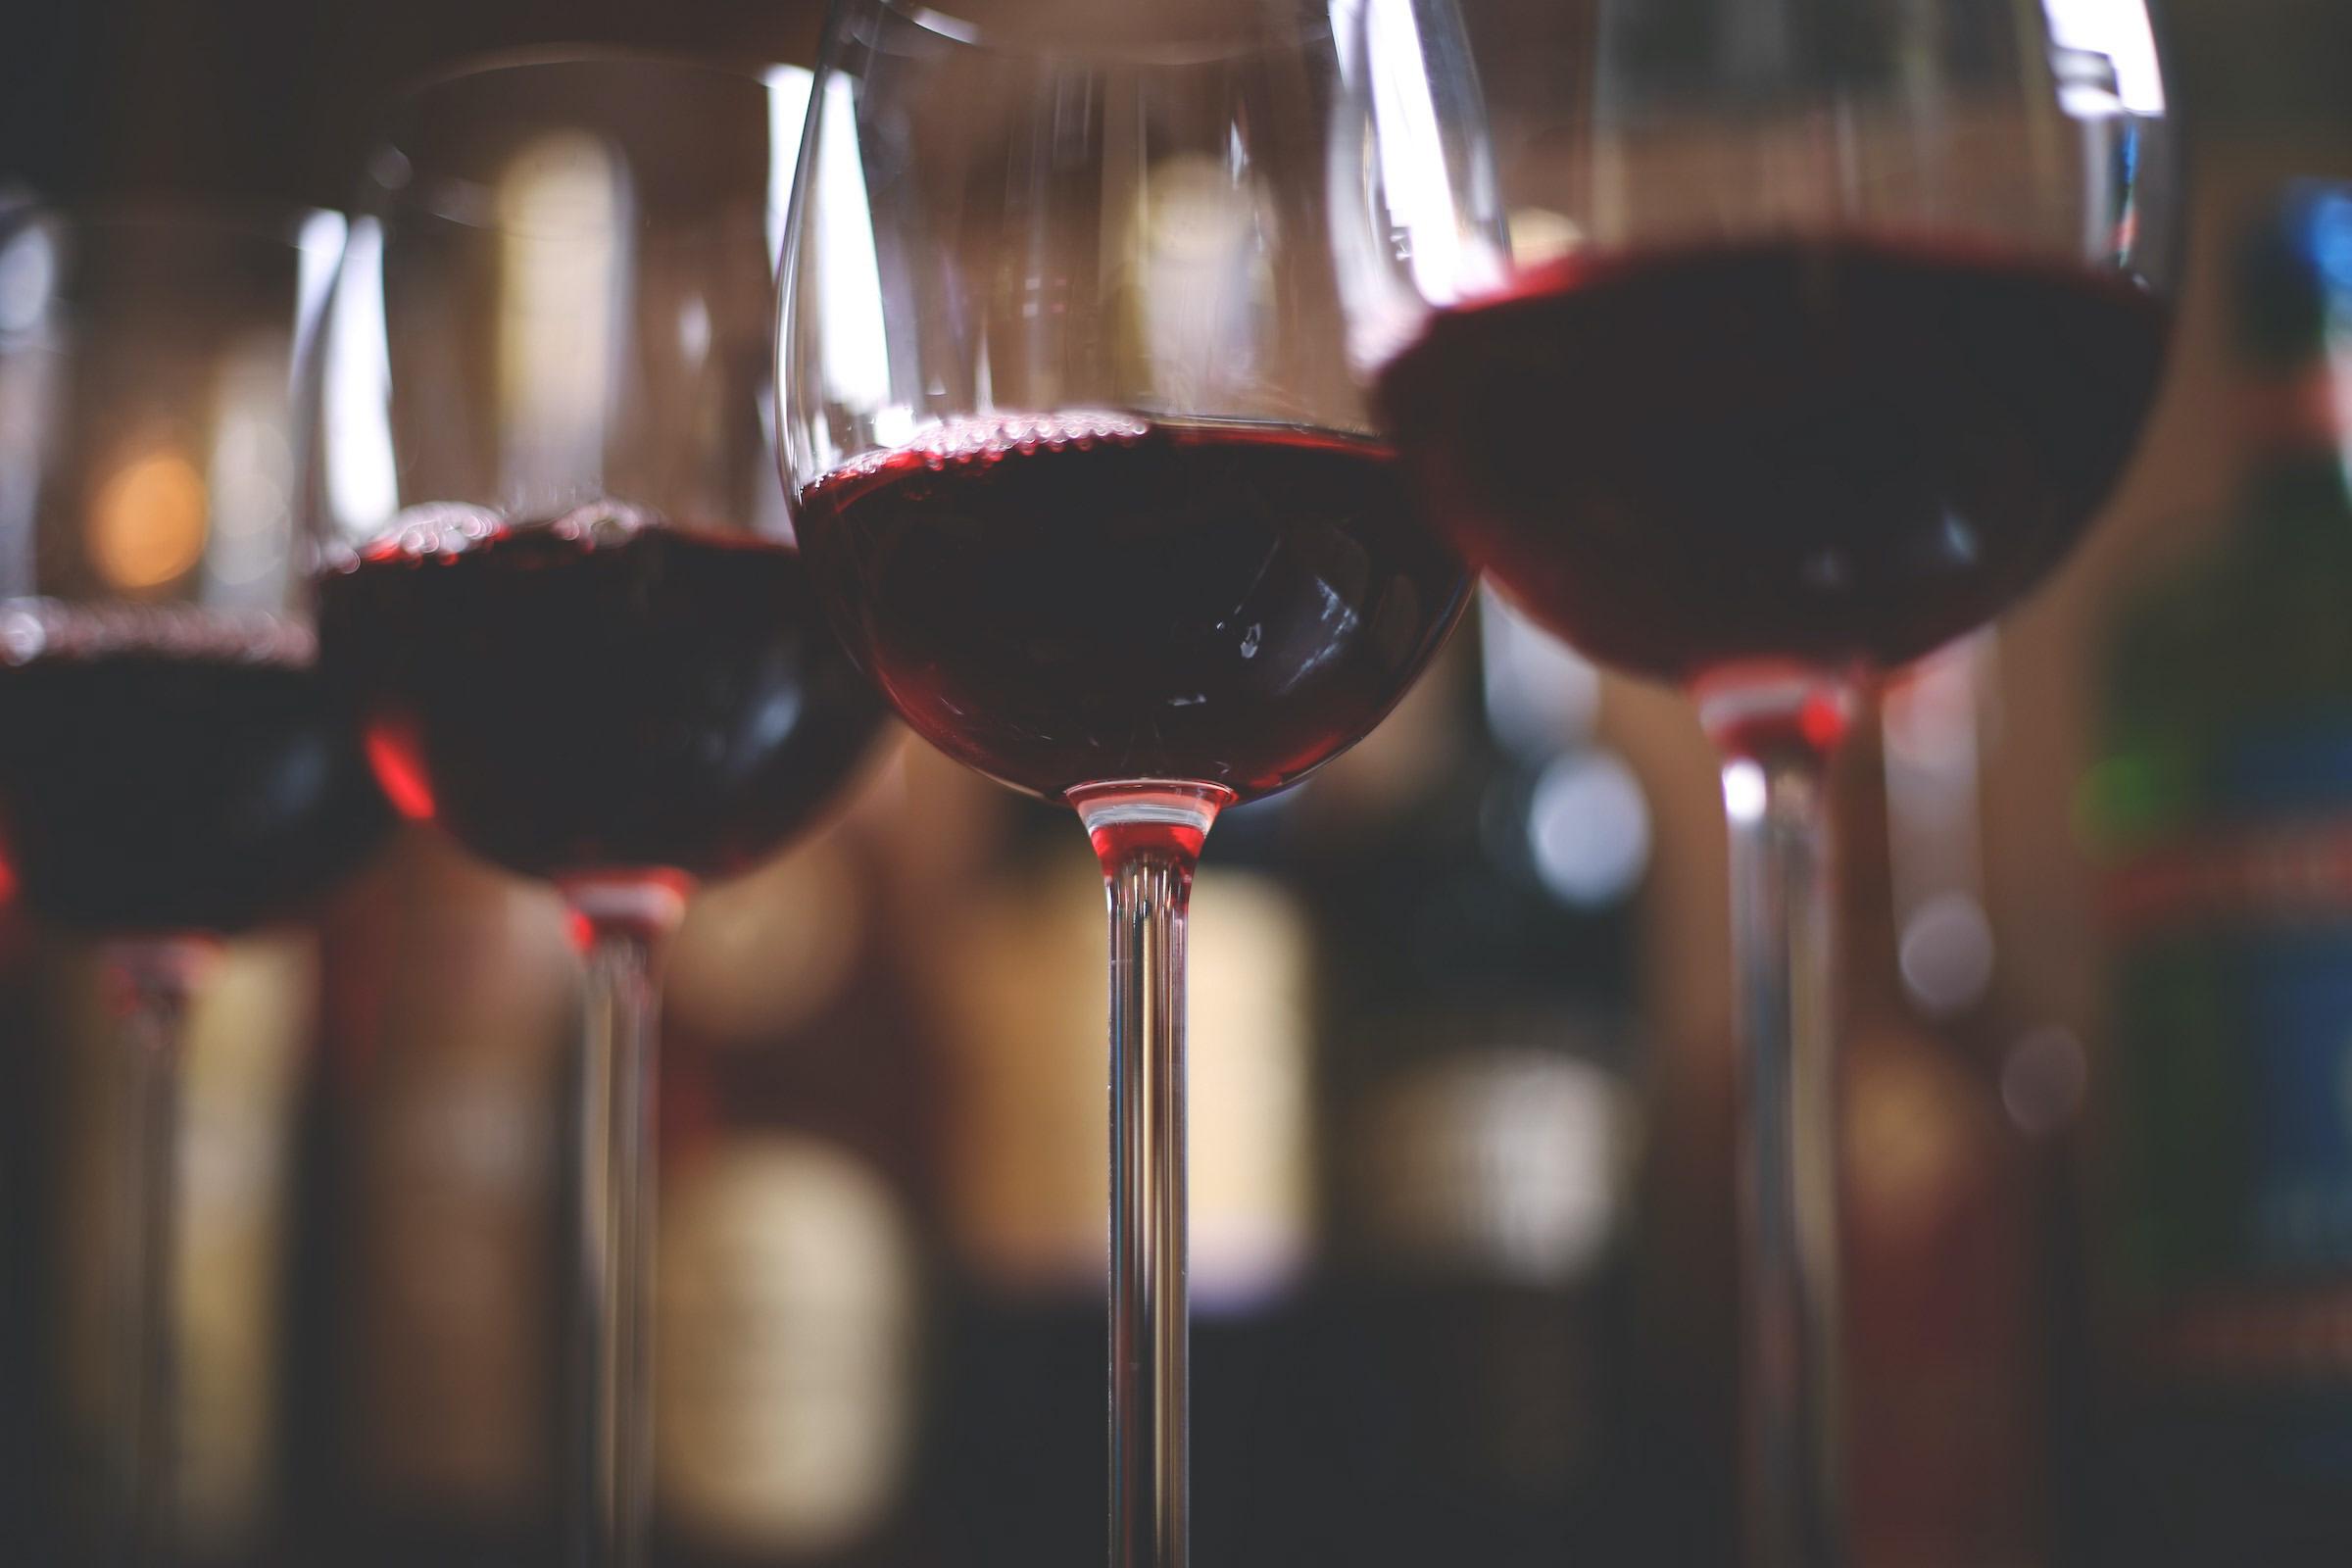 Mobile | Cocktailbar | Hochzeit | Sektempfang | Barkeeper | Buchen | Mieten | Geburtstag | VW | Bar | Ape | Getränke | Catering | Foodtruck | Weinbar | Ginbar | Sektbar